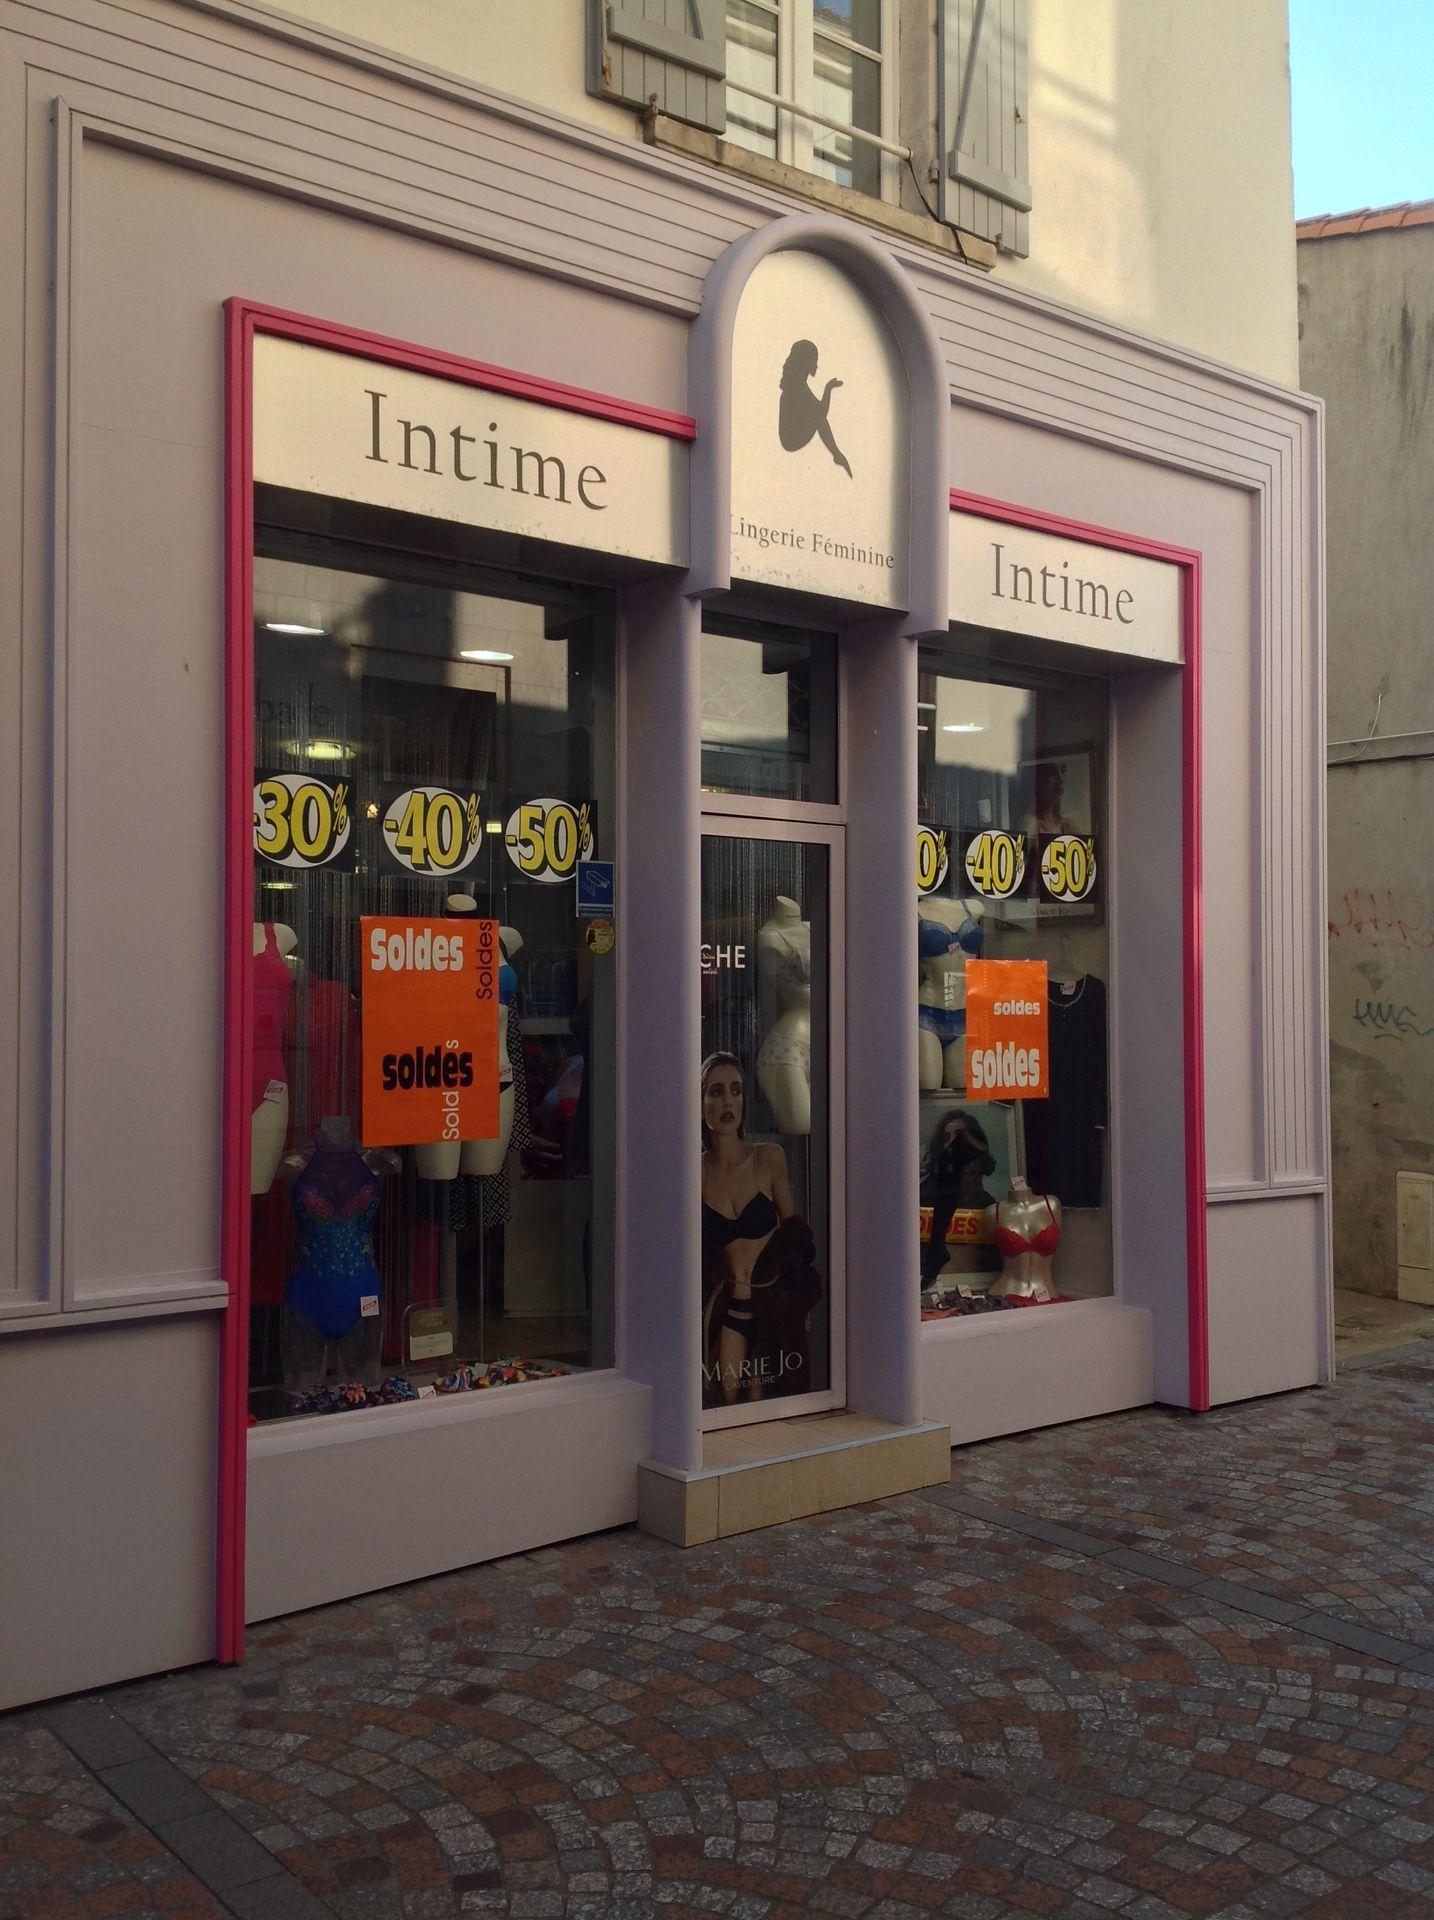 Au sortir d'une boutique judicieusement nommée Intime, ils remontèrent la rue dans le prolongement de celle du cinéma, en direction du minuscule marché de Noël qui proposait au moins deux cabanes qui pourraient répondre aux attentes de leurs estomacs